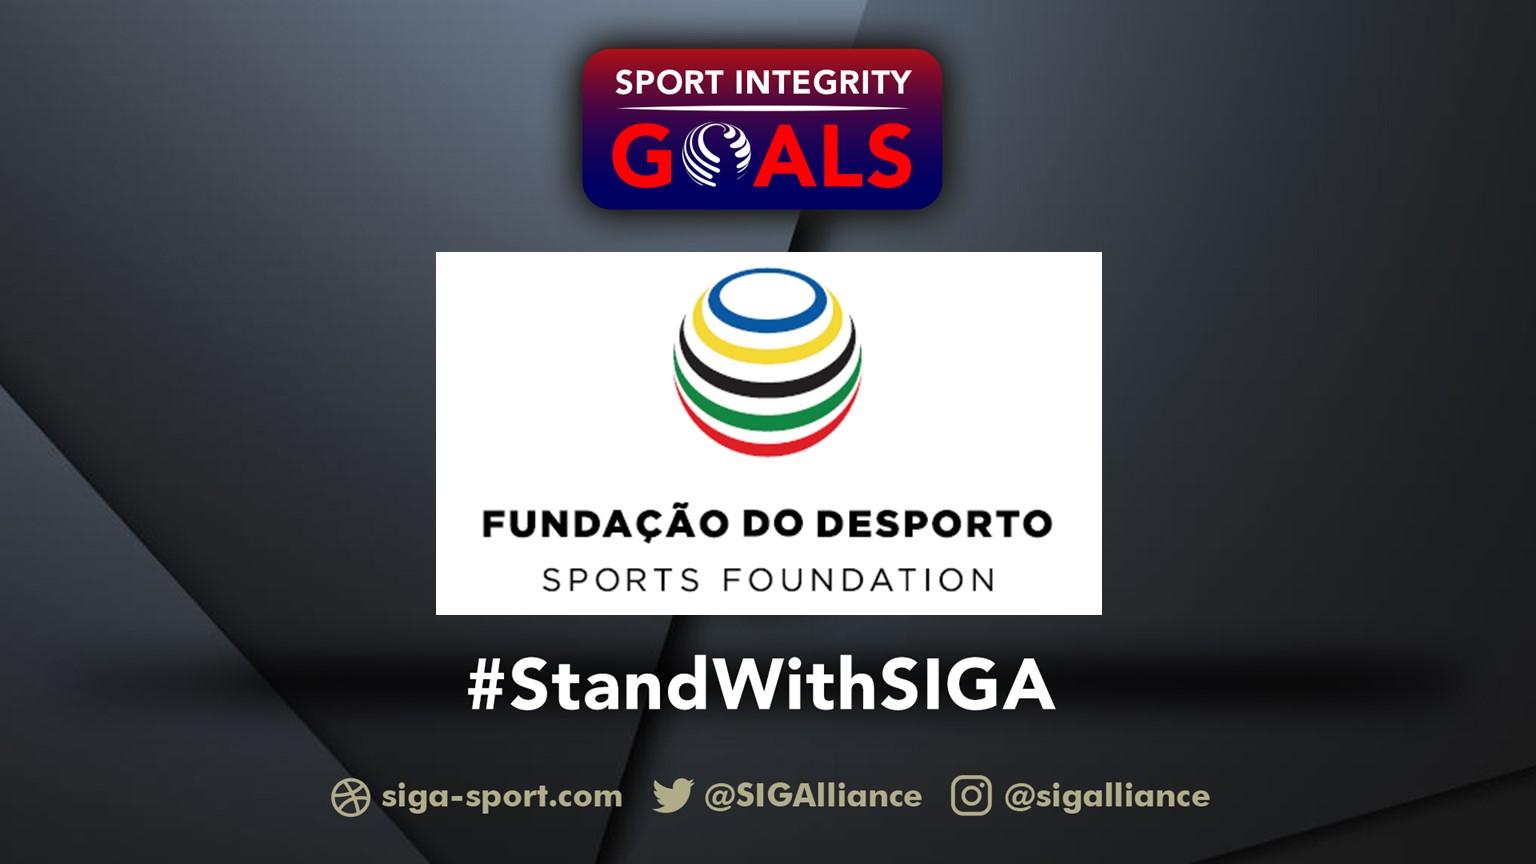 We #StandWithSIGA